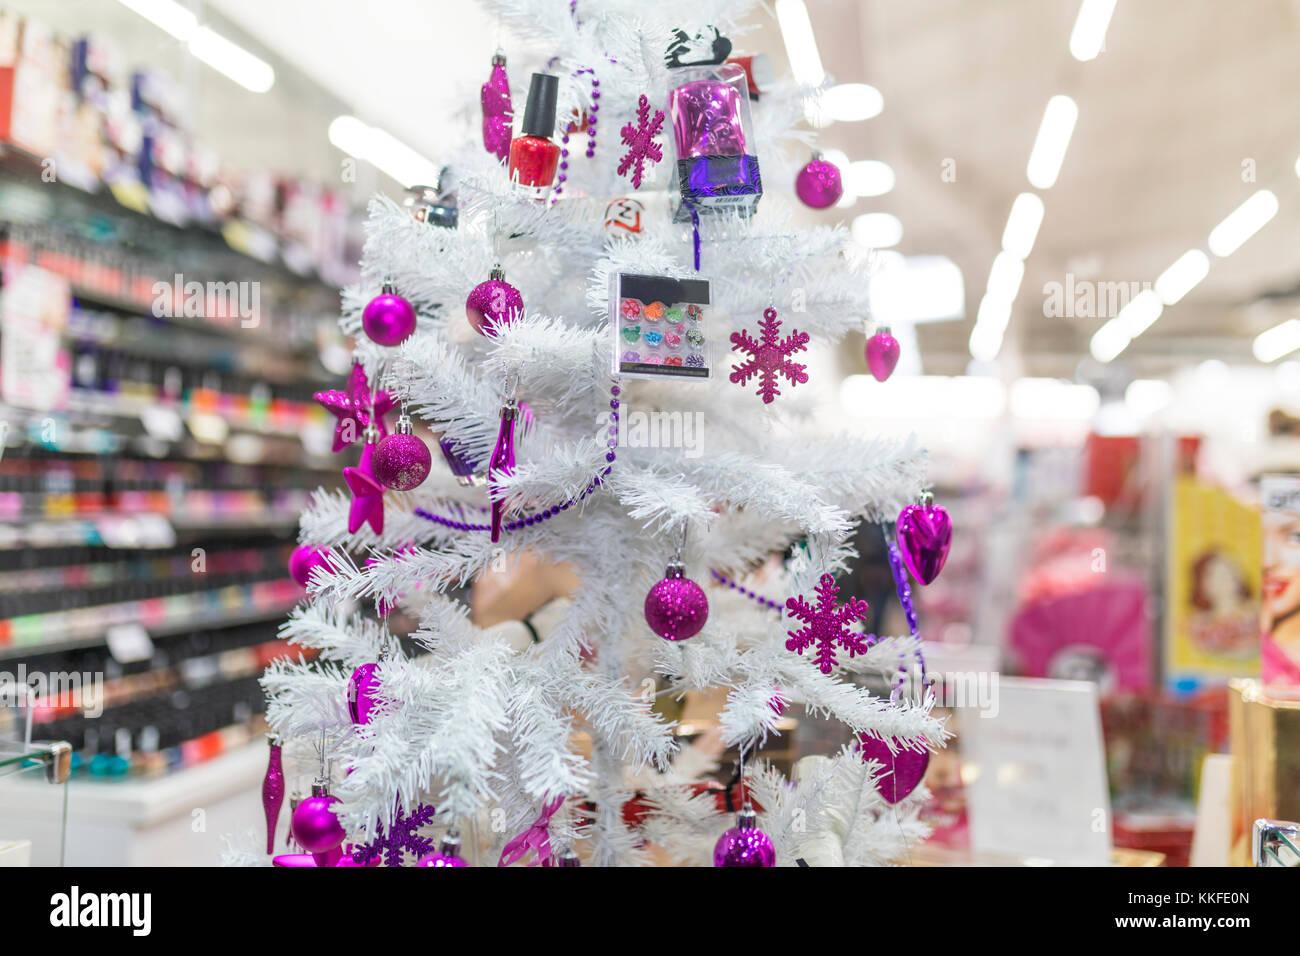 Lila Kugeln Und Machen Sie Auflegen Auf Einem Weissen Weihnachtsbaum